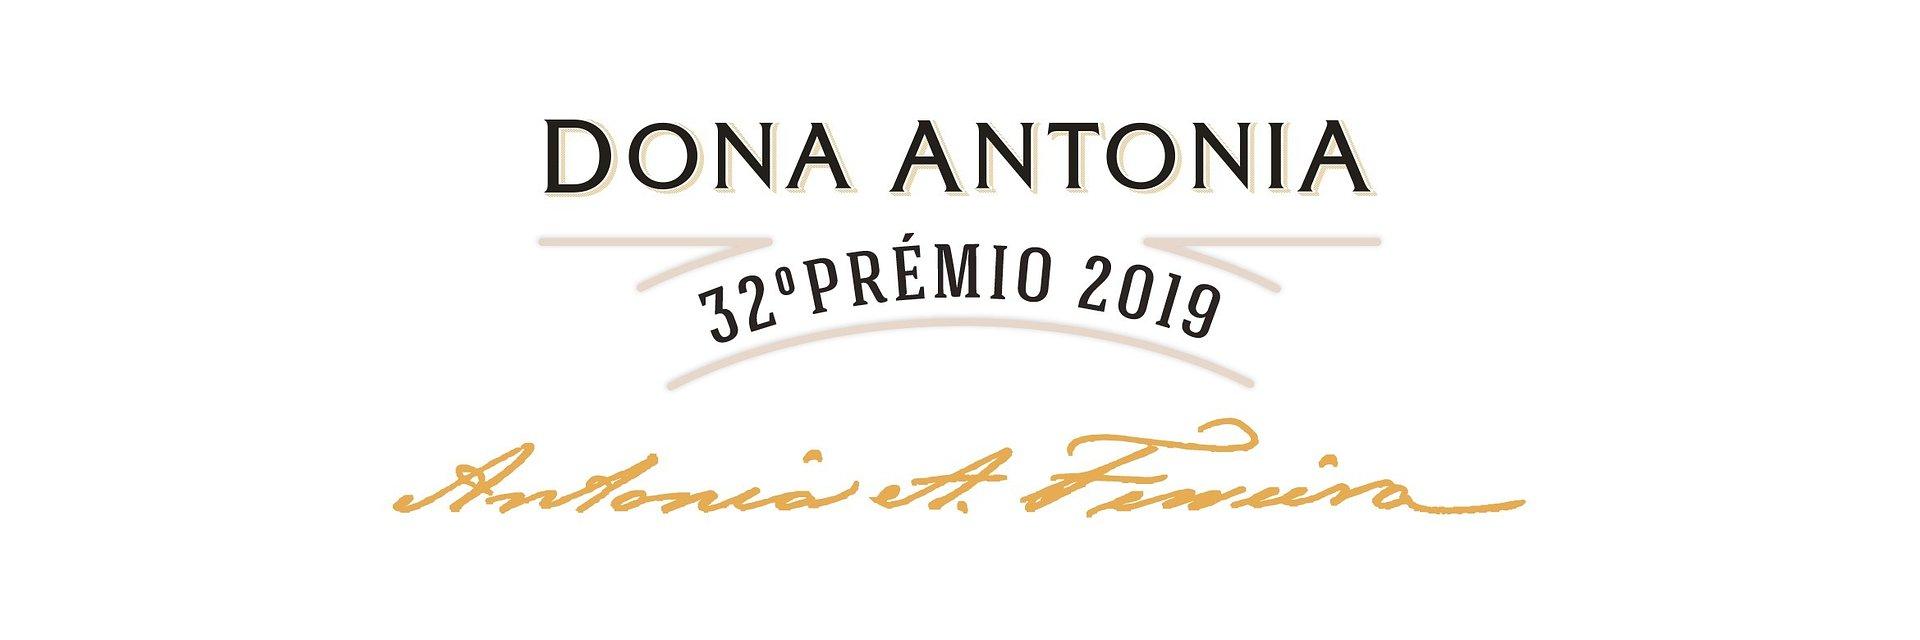 32ª edição dos Prémios Dona Antónia